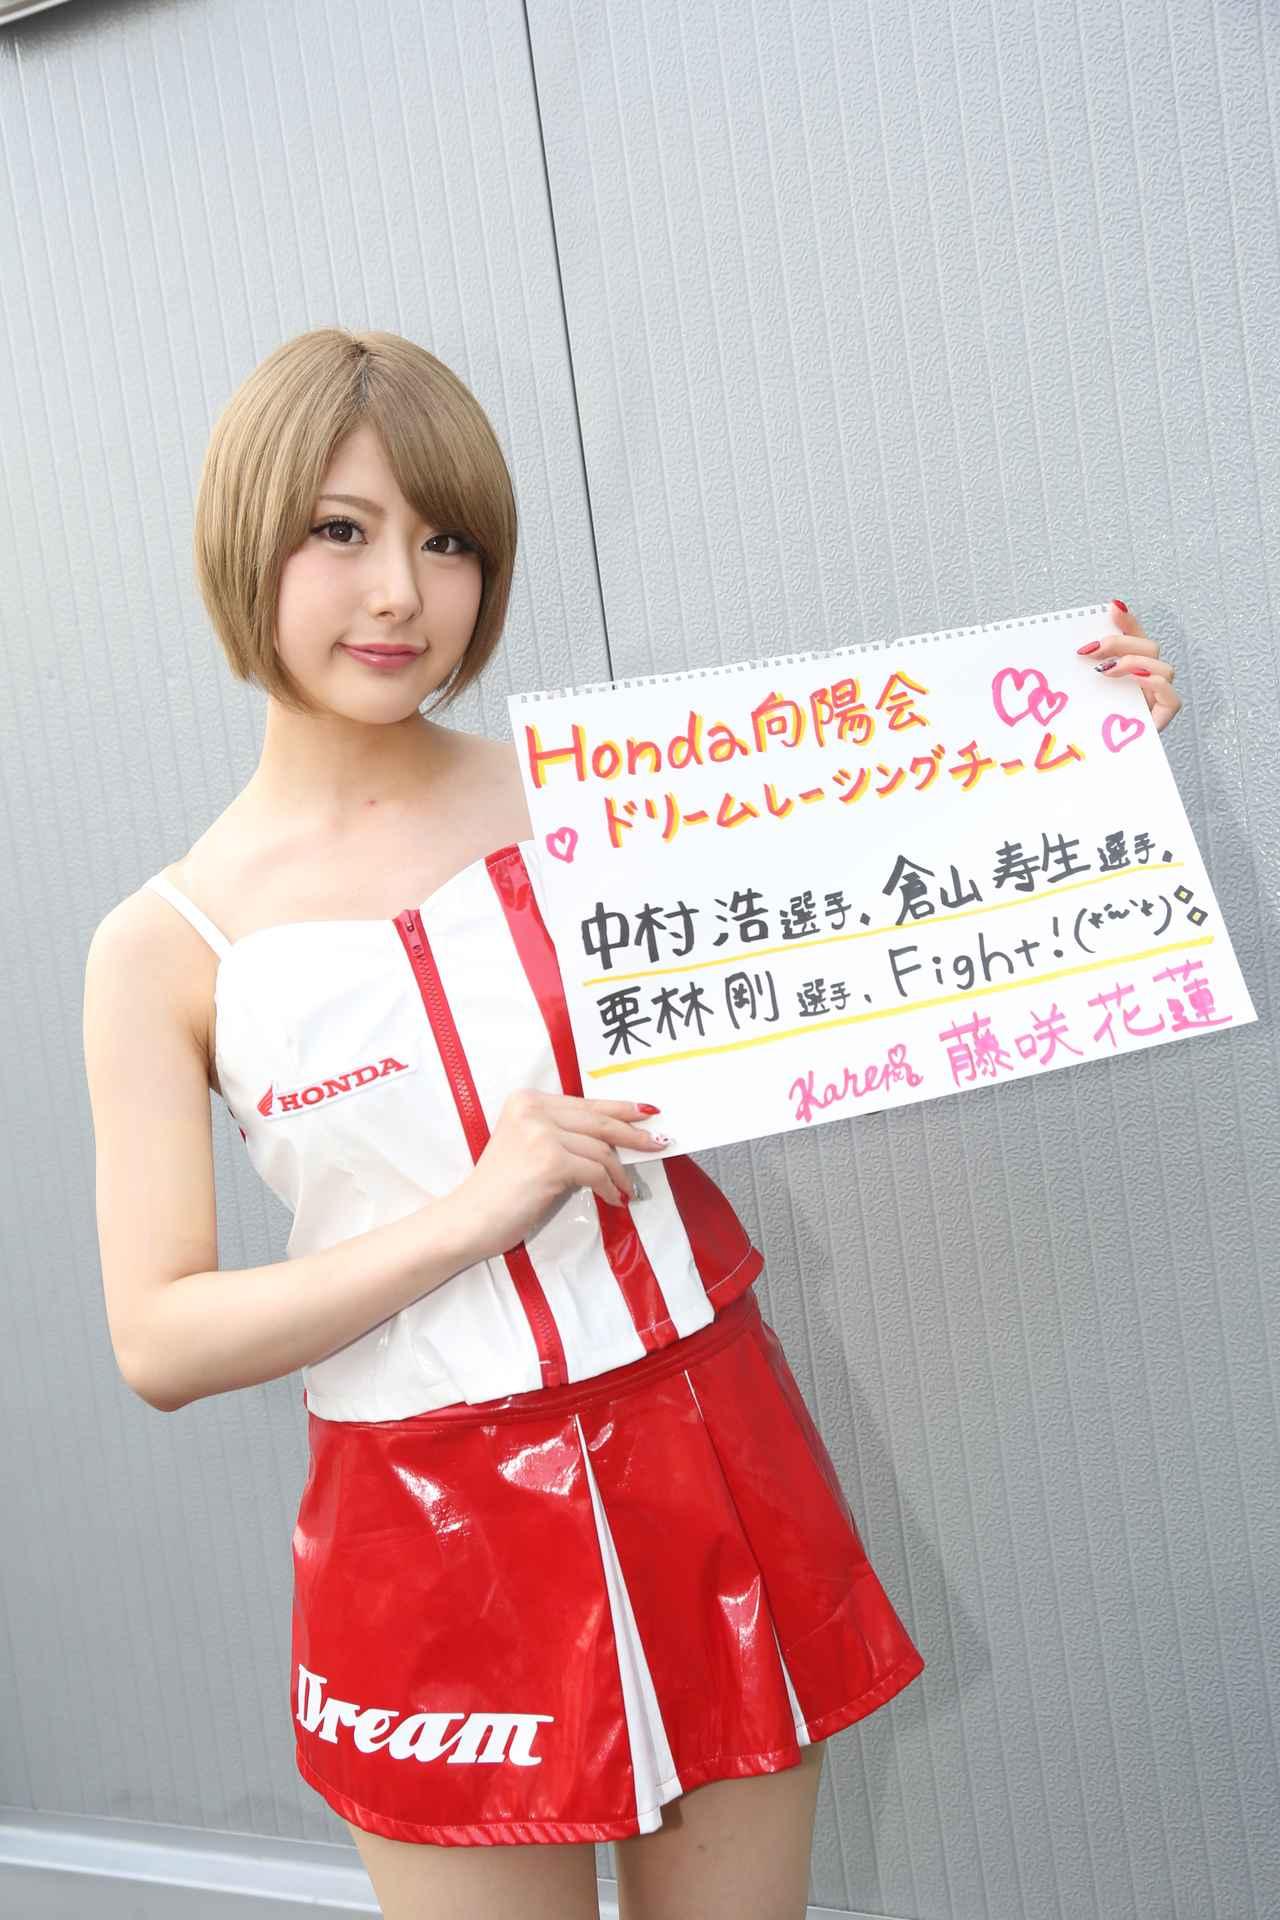 画像1: レースクイーンは藤咲花蓮さん!